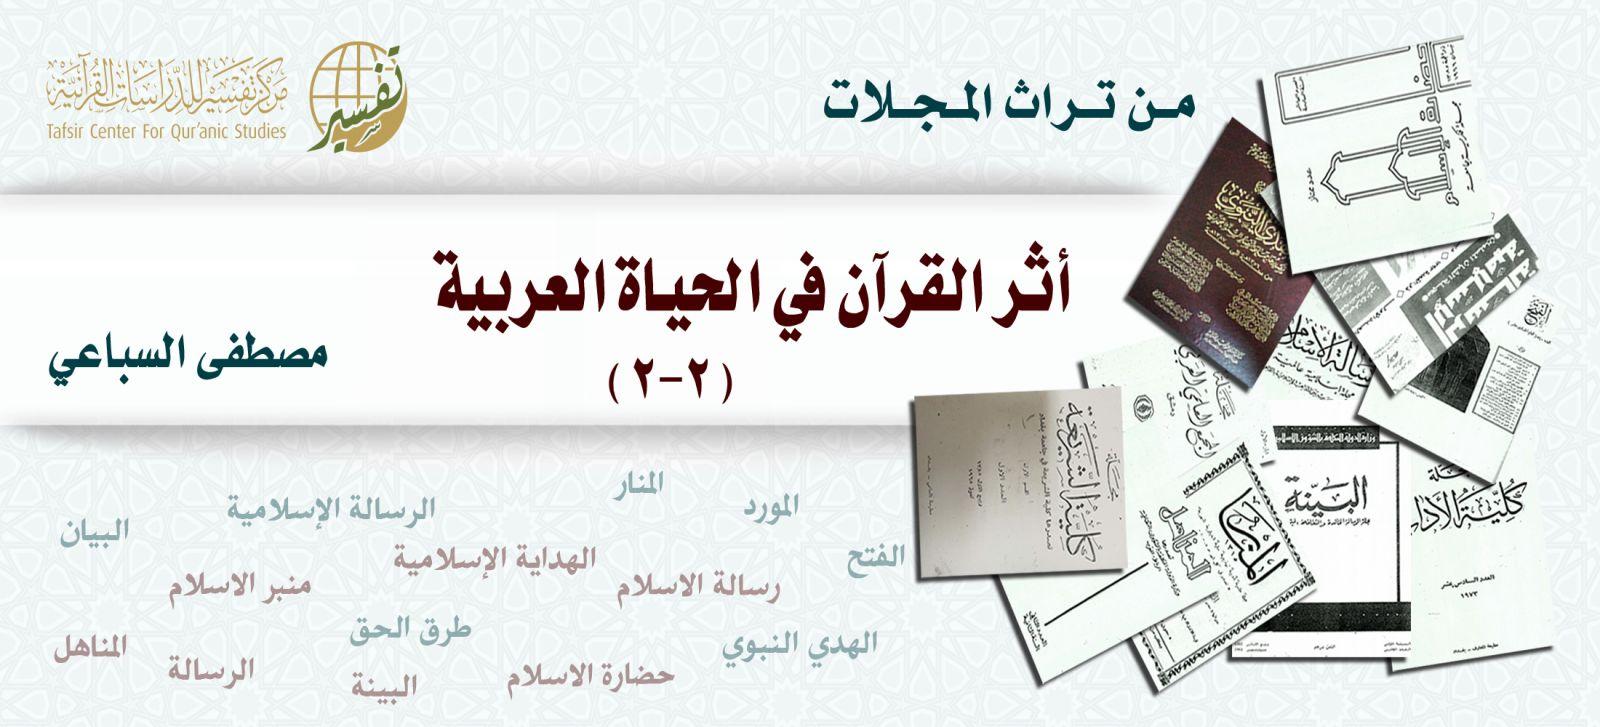 أثر القرآن في الحياة العربية (2-2)